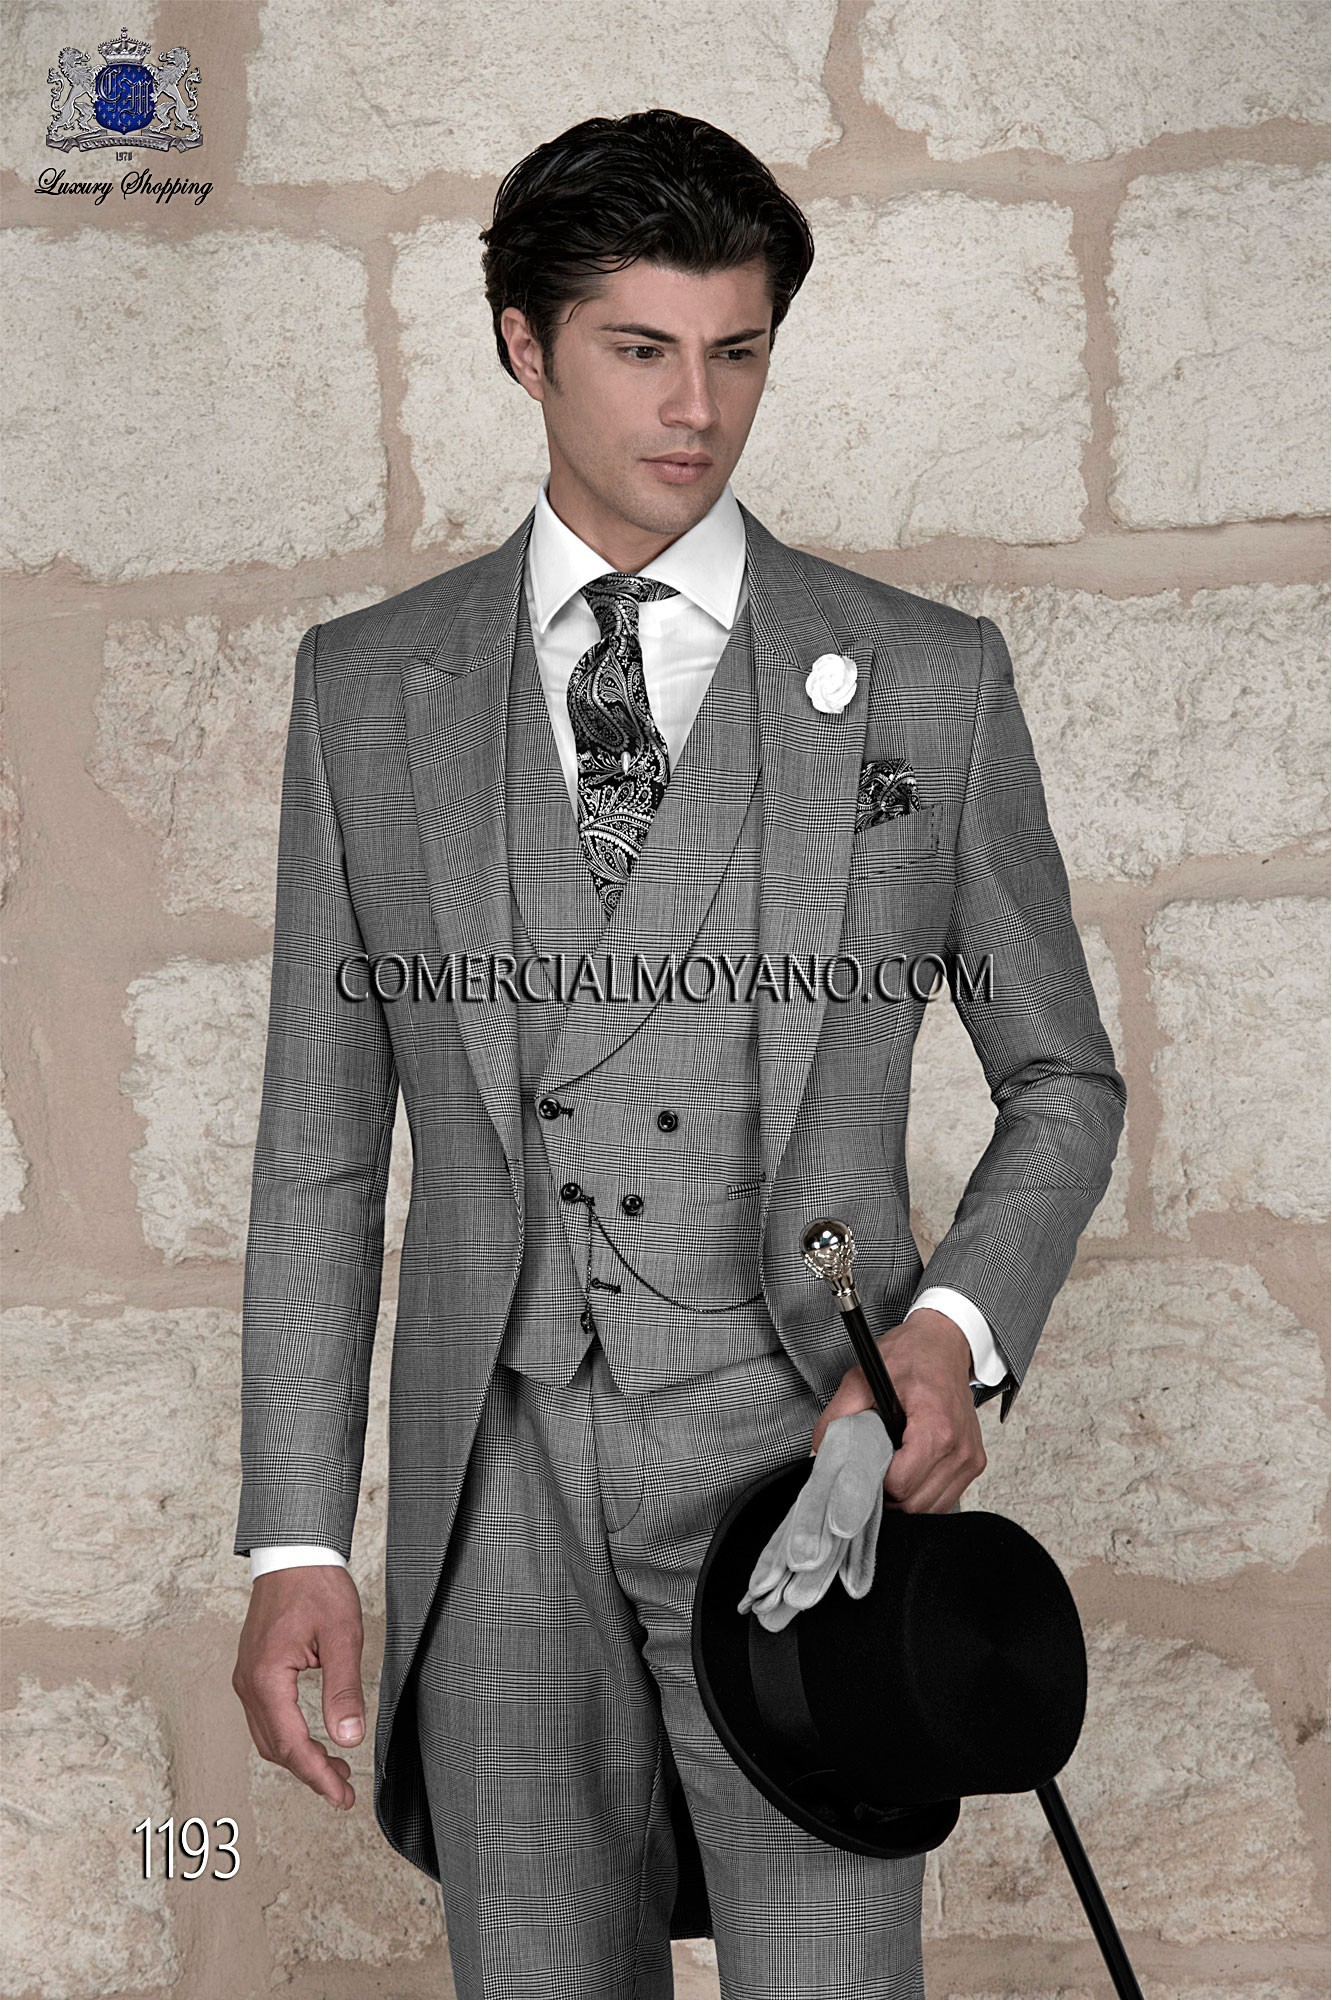 Traje de novio chaqué italiano a medida príncipe de gales gris modelo 1193 Ottavio Nuccio Gala colección Gentleman.